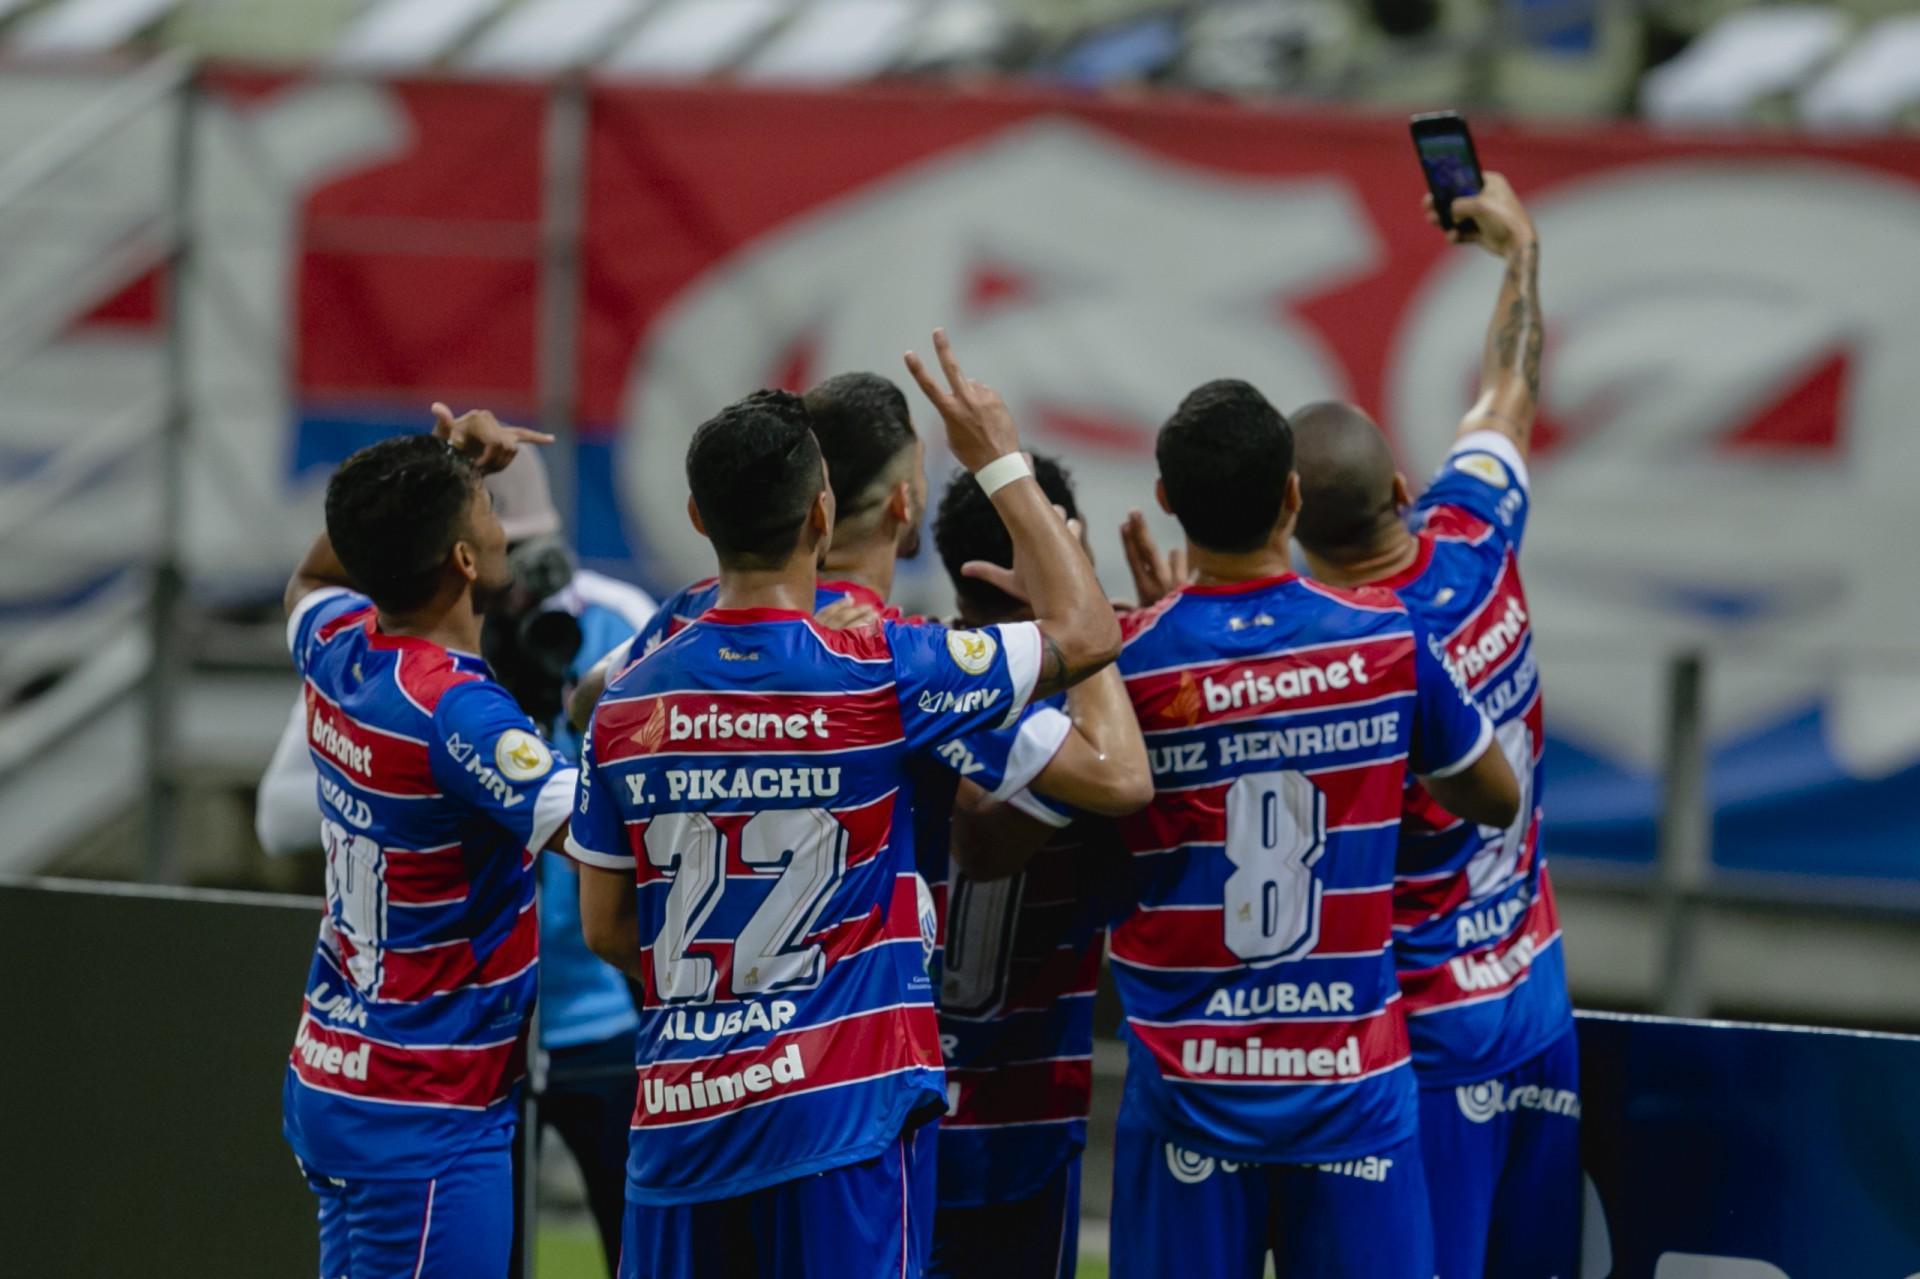 Wellington Paulista tira a tradicional selfie após marcar o gol dele, o quinto do Fortaleza